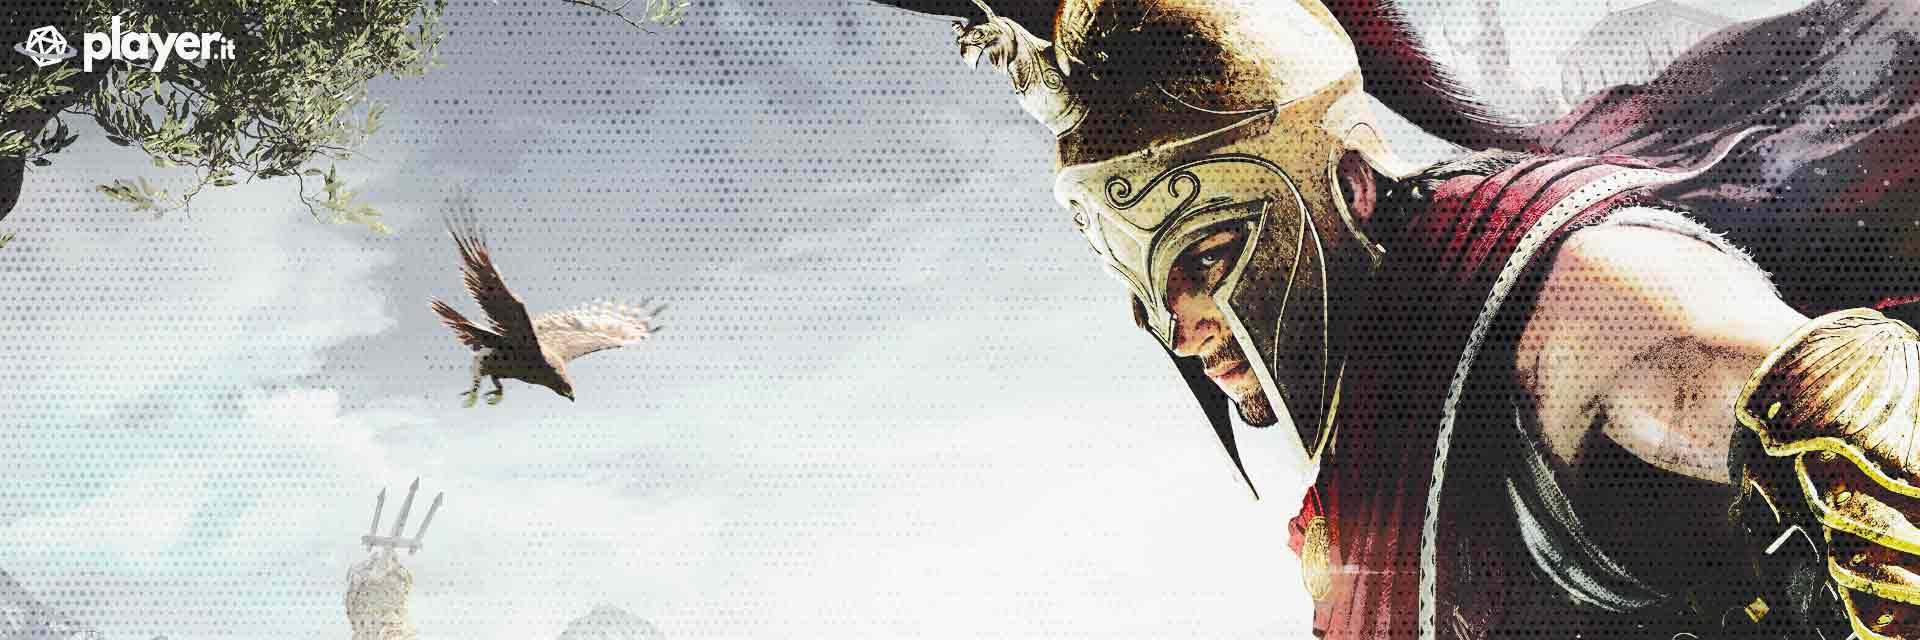 immagine in evidenza del gioco Assassin's Creed: Odyssey